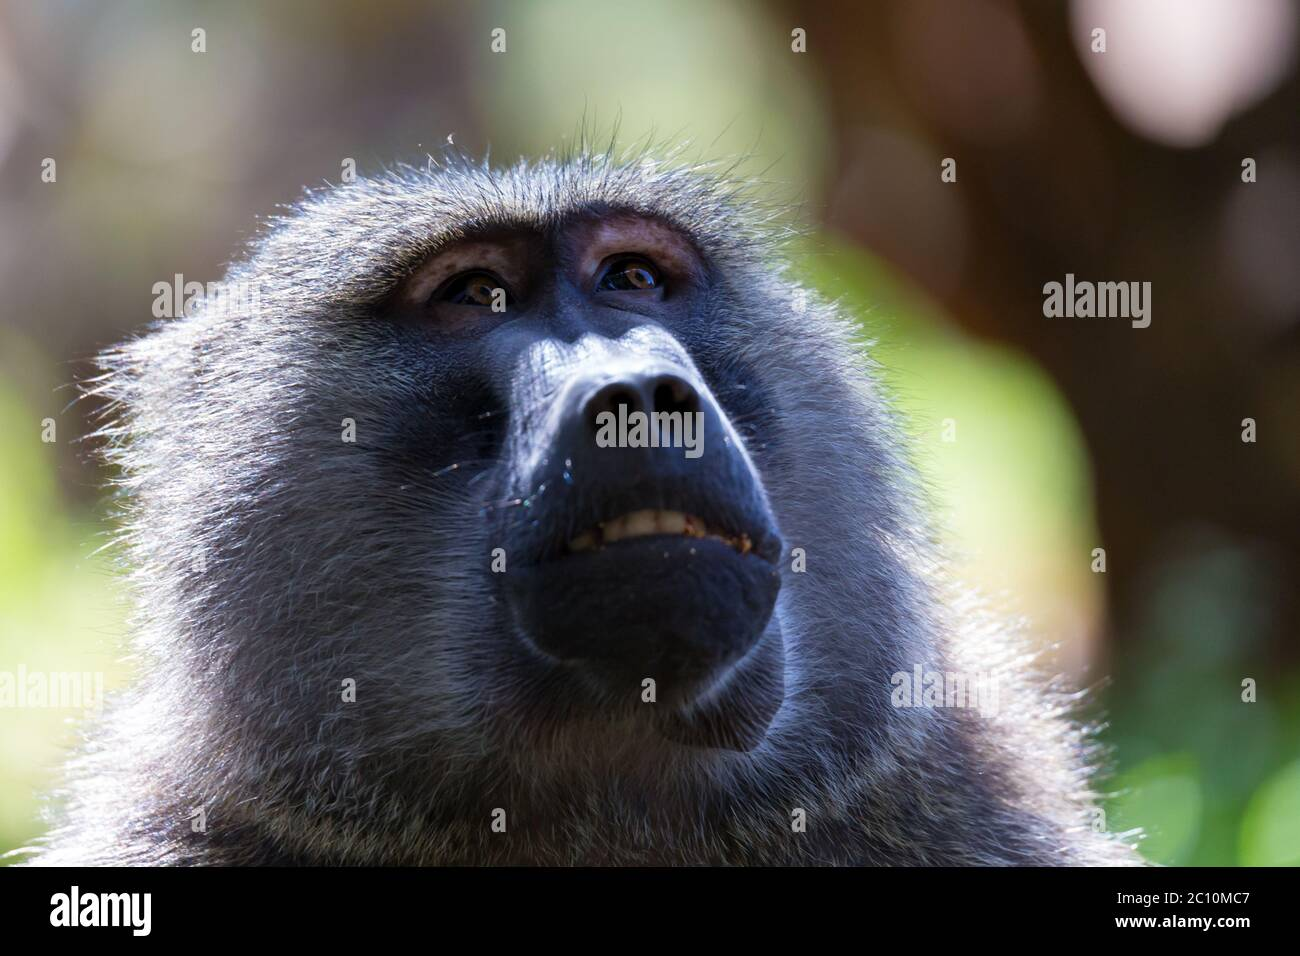 parque natural, conducción de juegos, cabello, sentado, fotografía, babuino aislado, animales, cara babuino, criatura, mara, masai, divertido, reserva, majestuoso, endangere Foto de stock